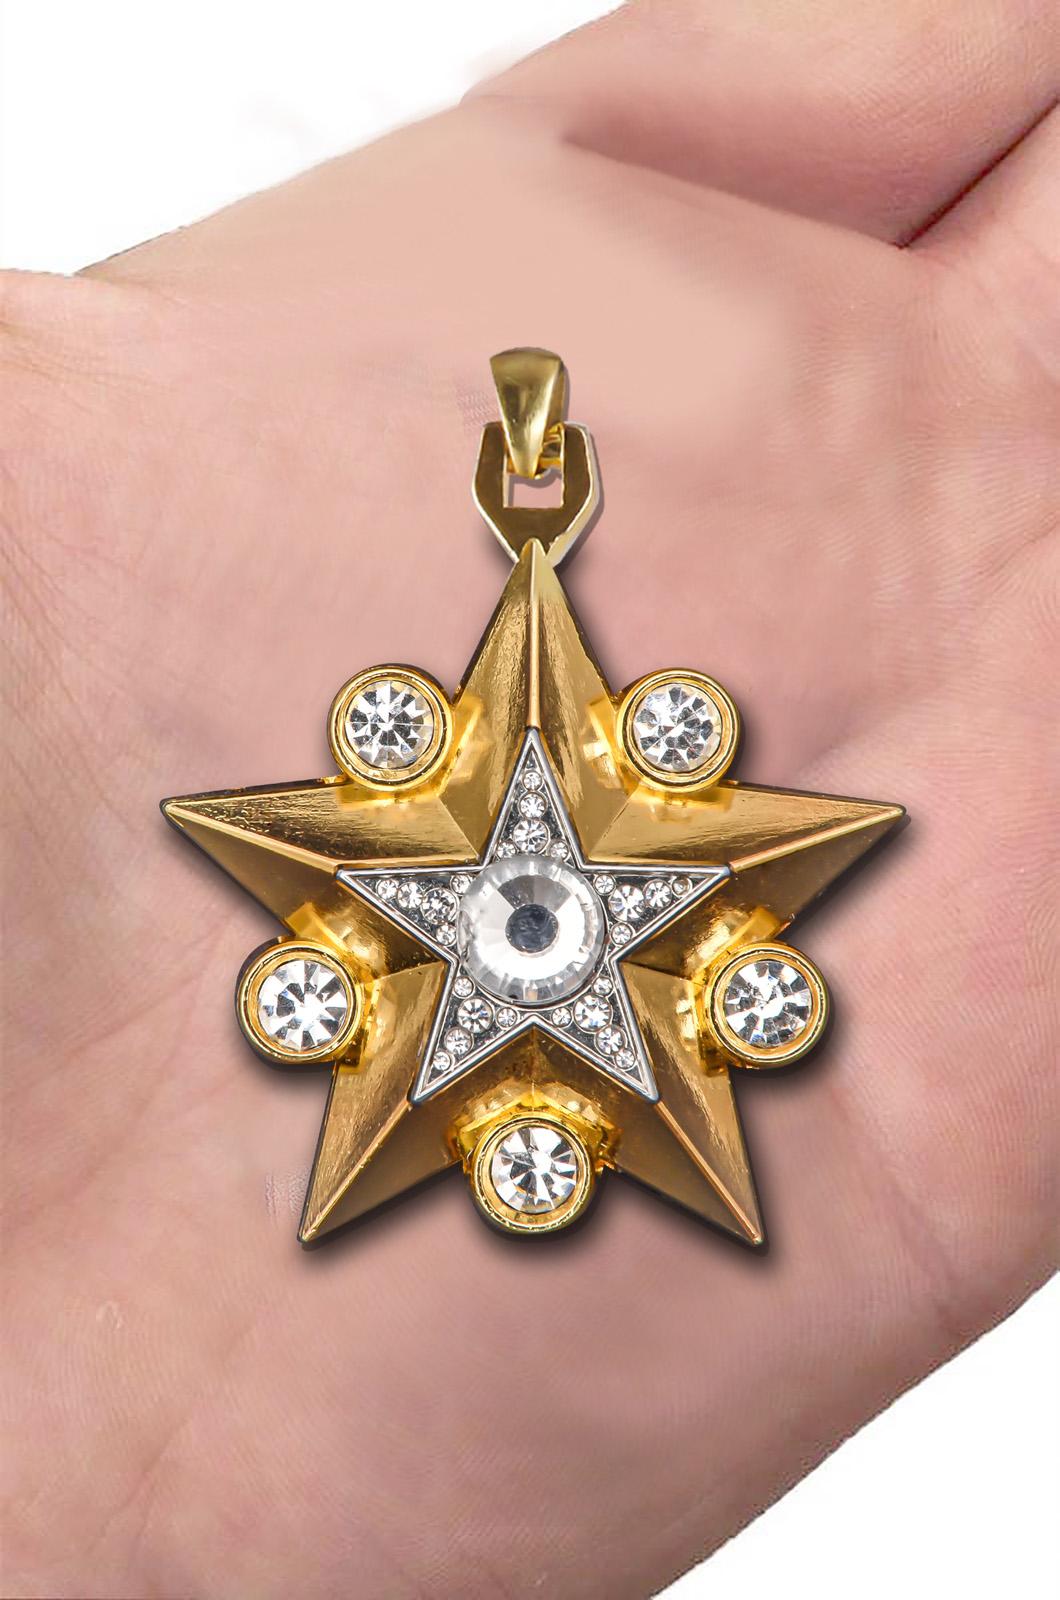 Маршальская Звезда «большого» типа - копия отменного качества